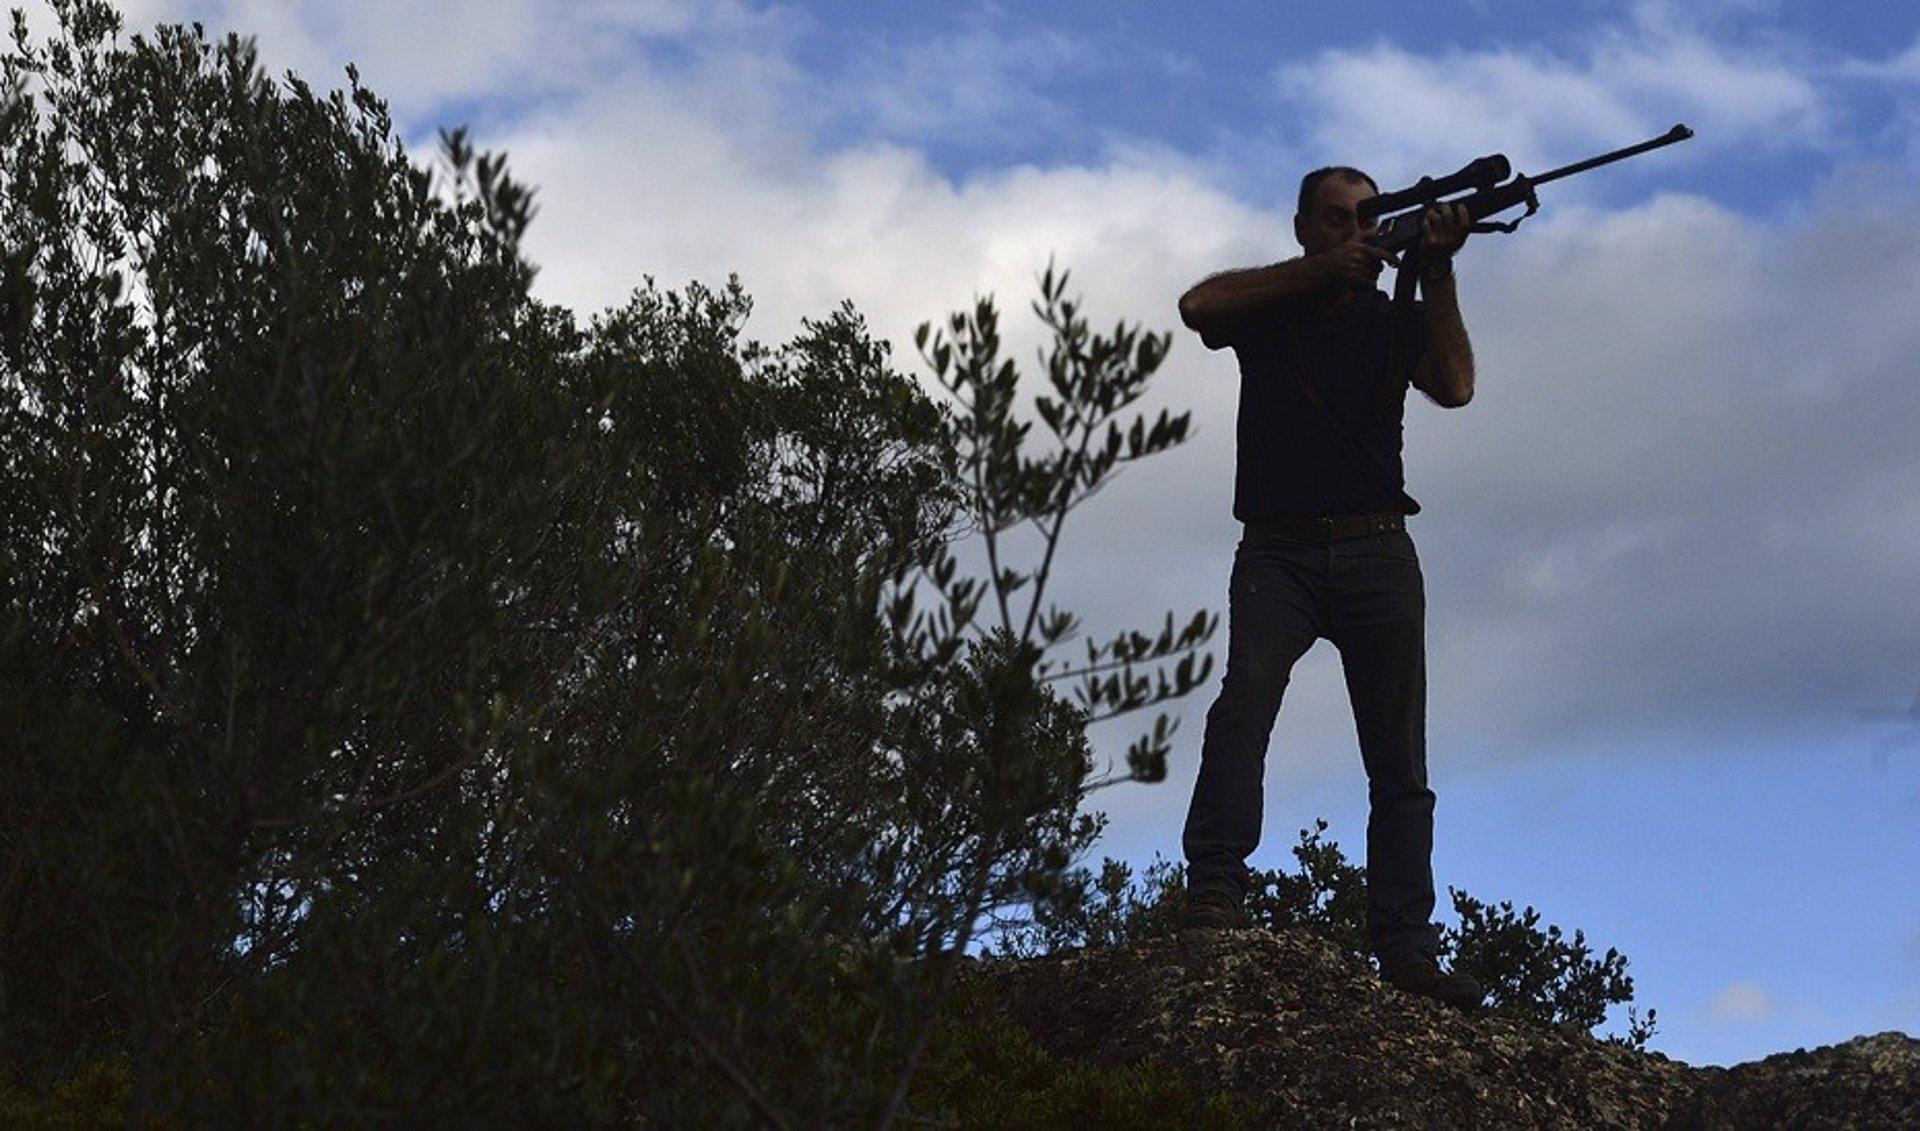 13 personas recibieron disparos accidentales mientras cazaban en Andalucía durante 2020,29 en España